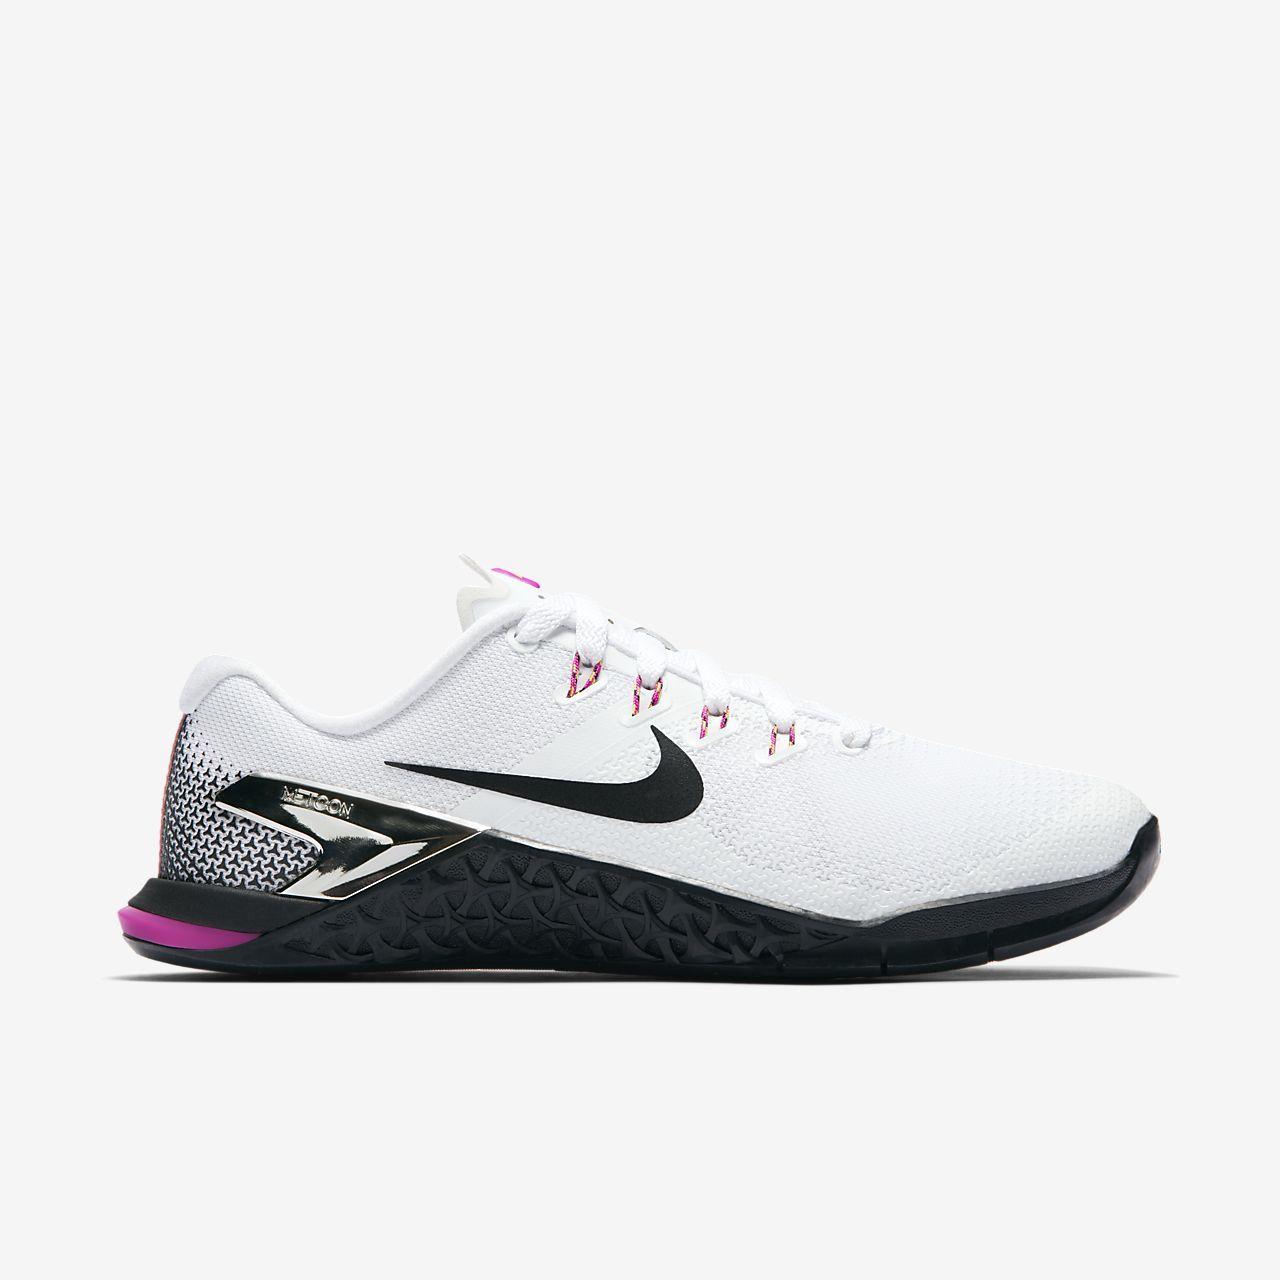 Calzado de cross training y levantamiento de pesas para hombre Nike Metcon 4